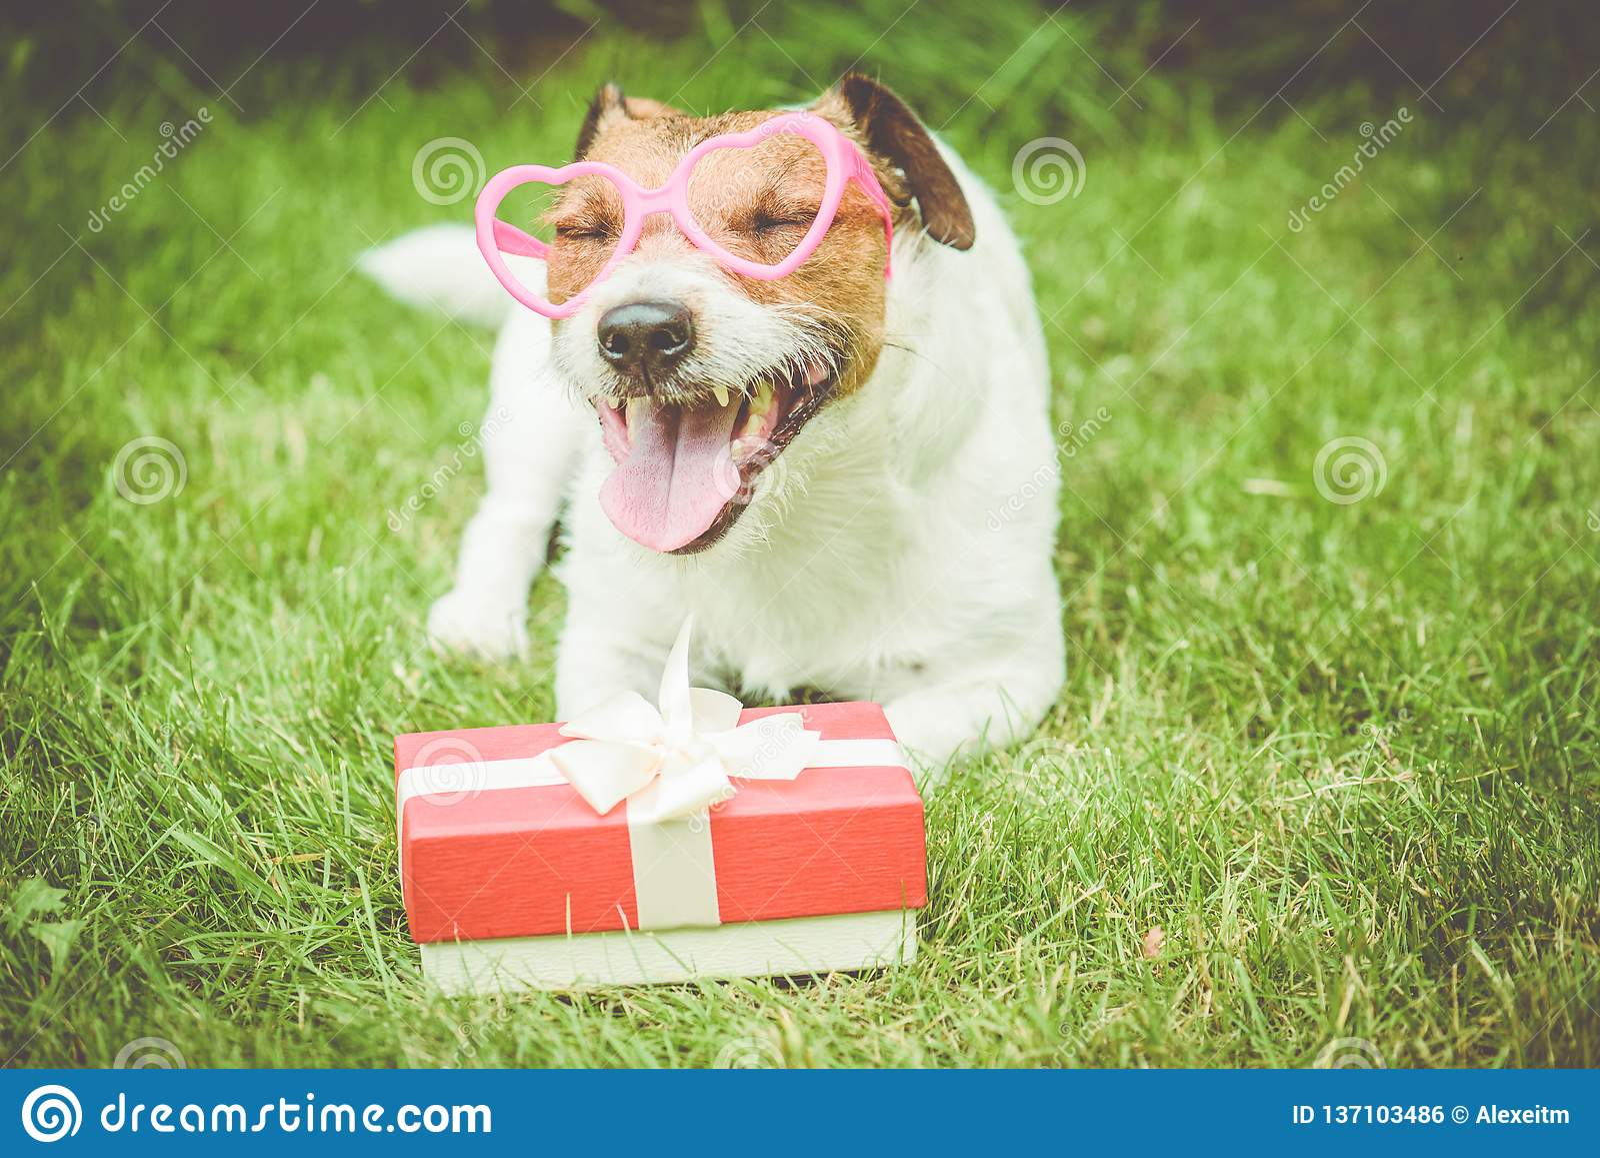 Caja de regalo del día de tarjeta del día de San Valentín al lado de los vidrios en forma de corazón que llevan del perro feliz